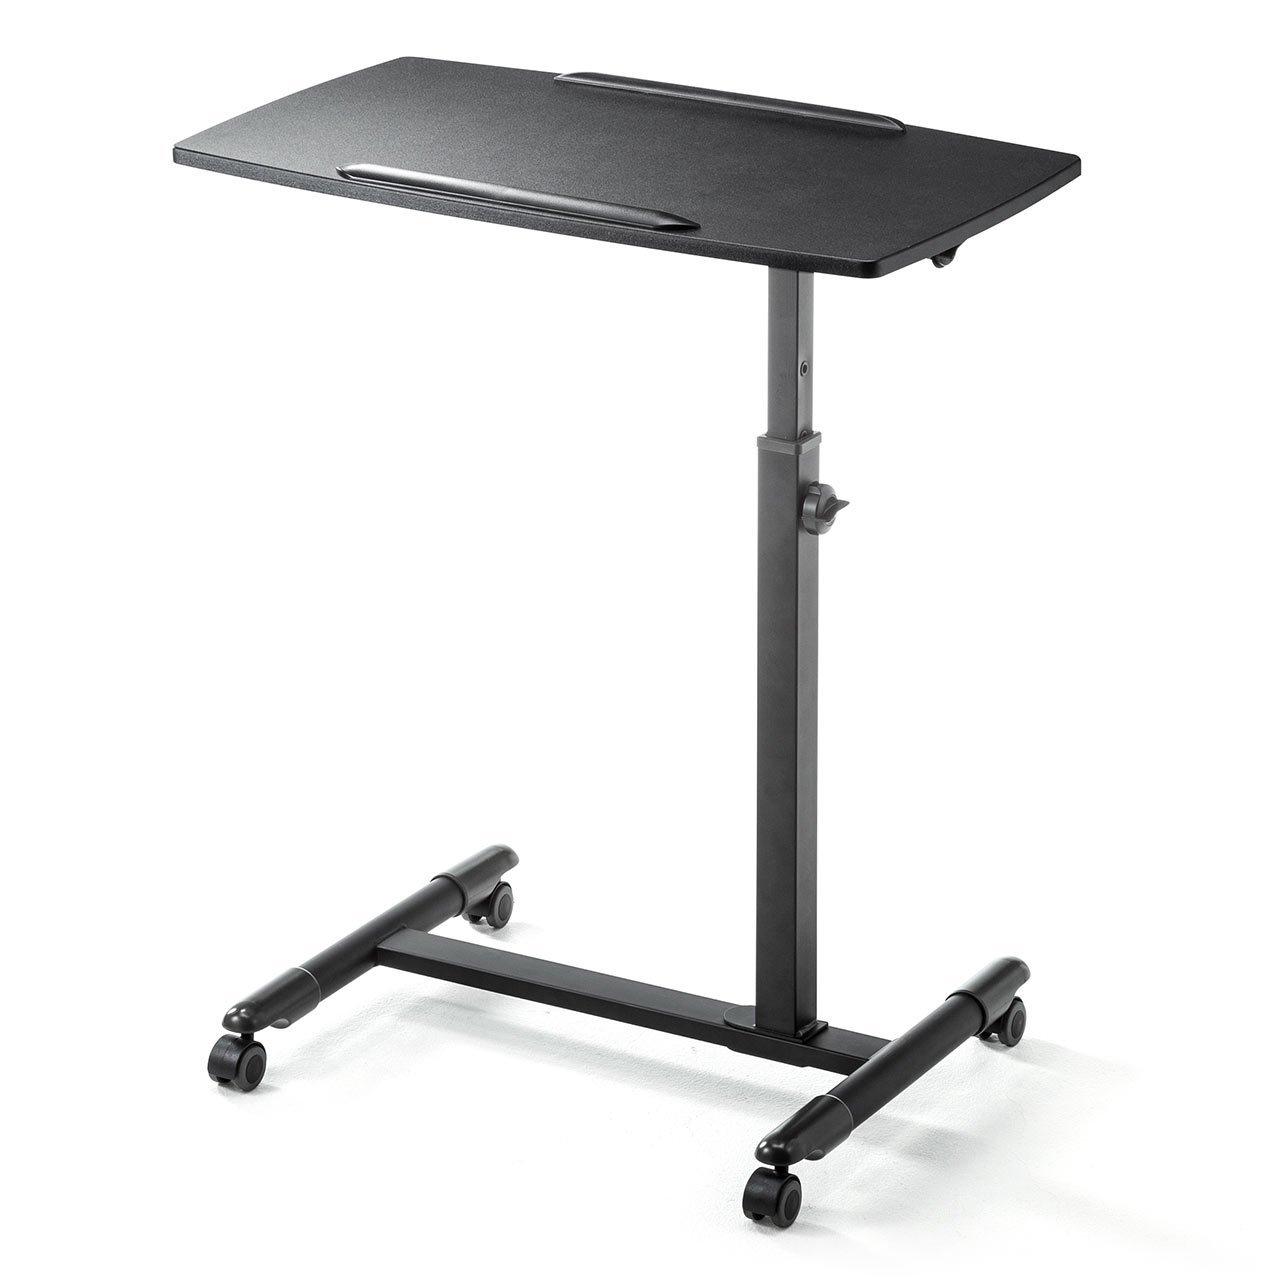 简易风格!山业 移动电脑桌 100-DESK044 包邮199元